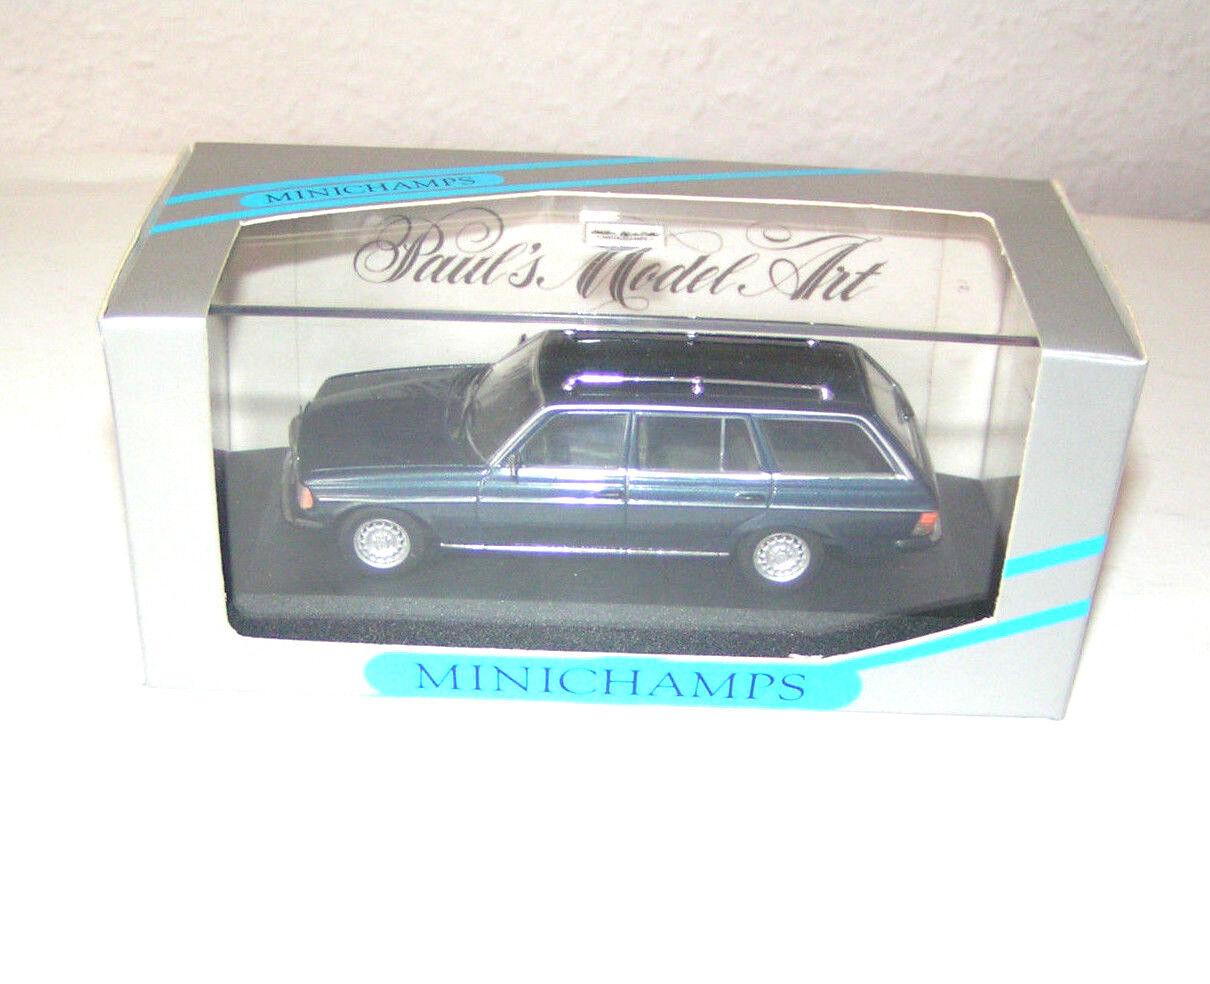 Mercedes Benz-W 123 Break-MERCEDES 280 TE-bleu Metallic-Minichamps Metallic-Minichamps Metallic-Minichamps 1 43 edd03e